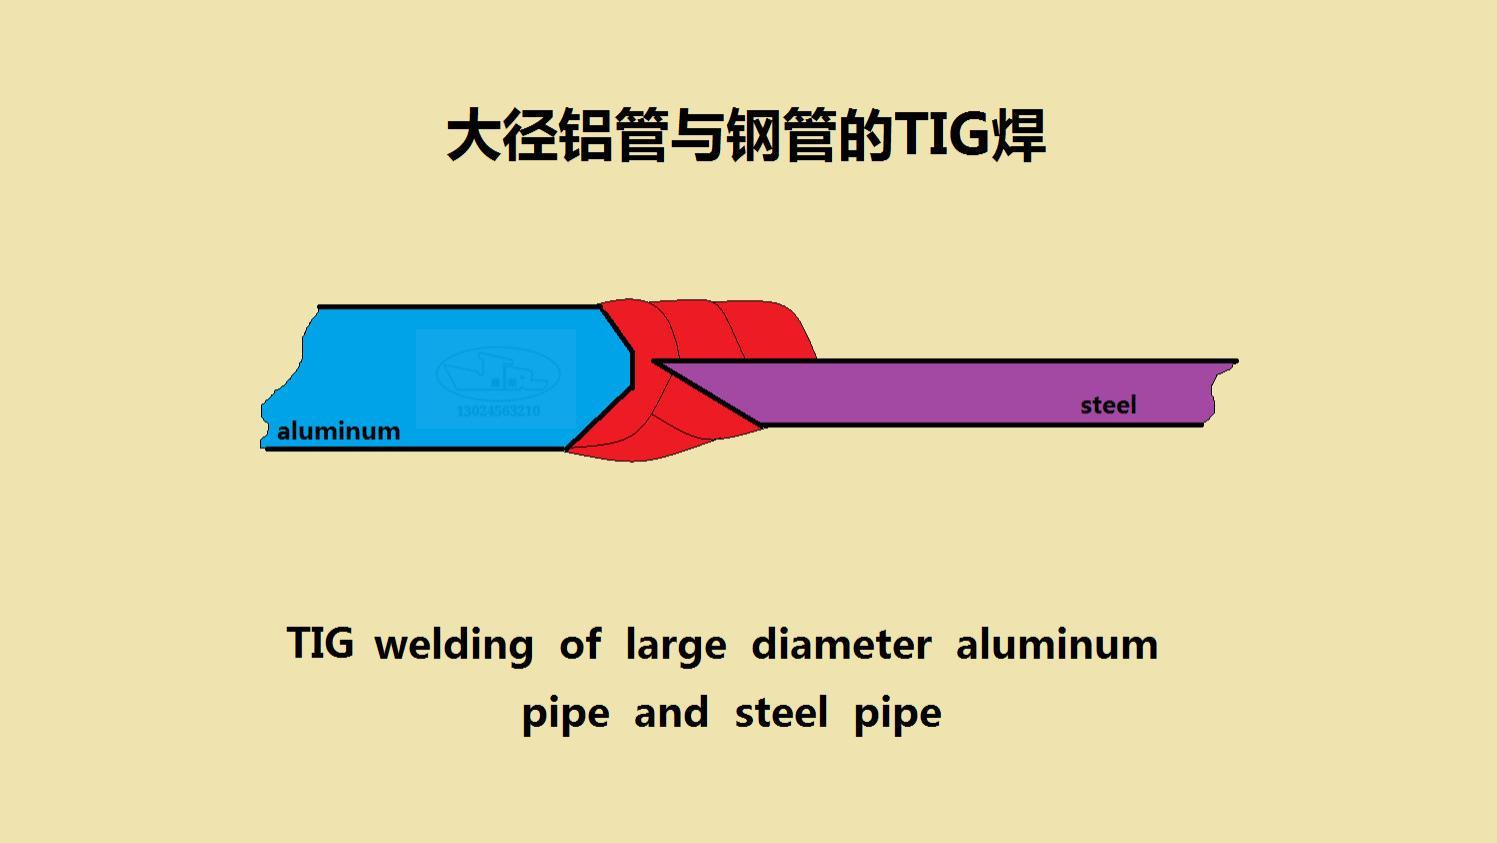 大径铝管与钢管的TIG焊